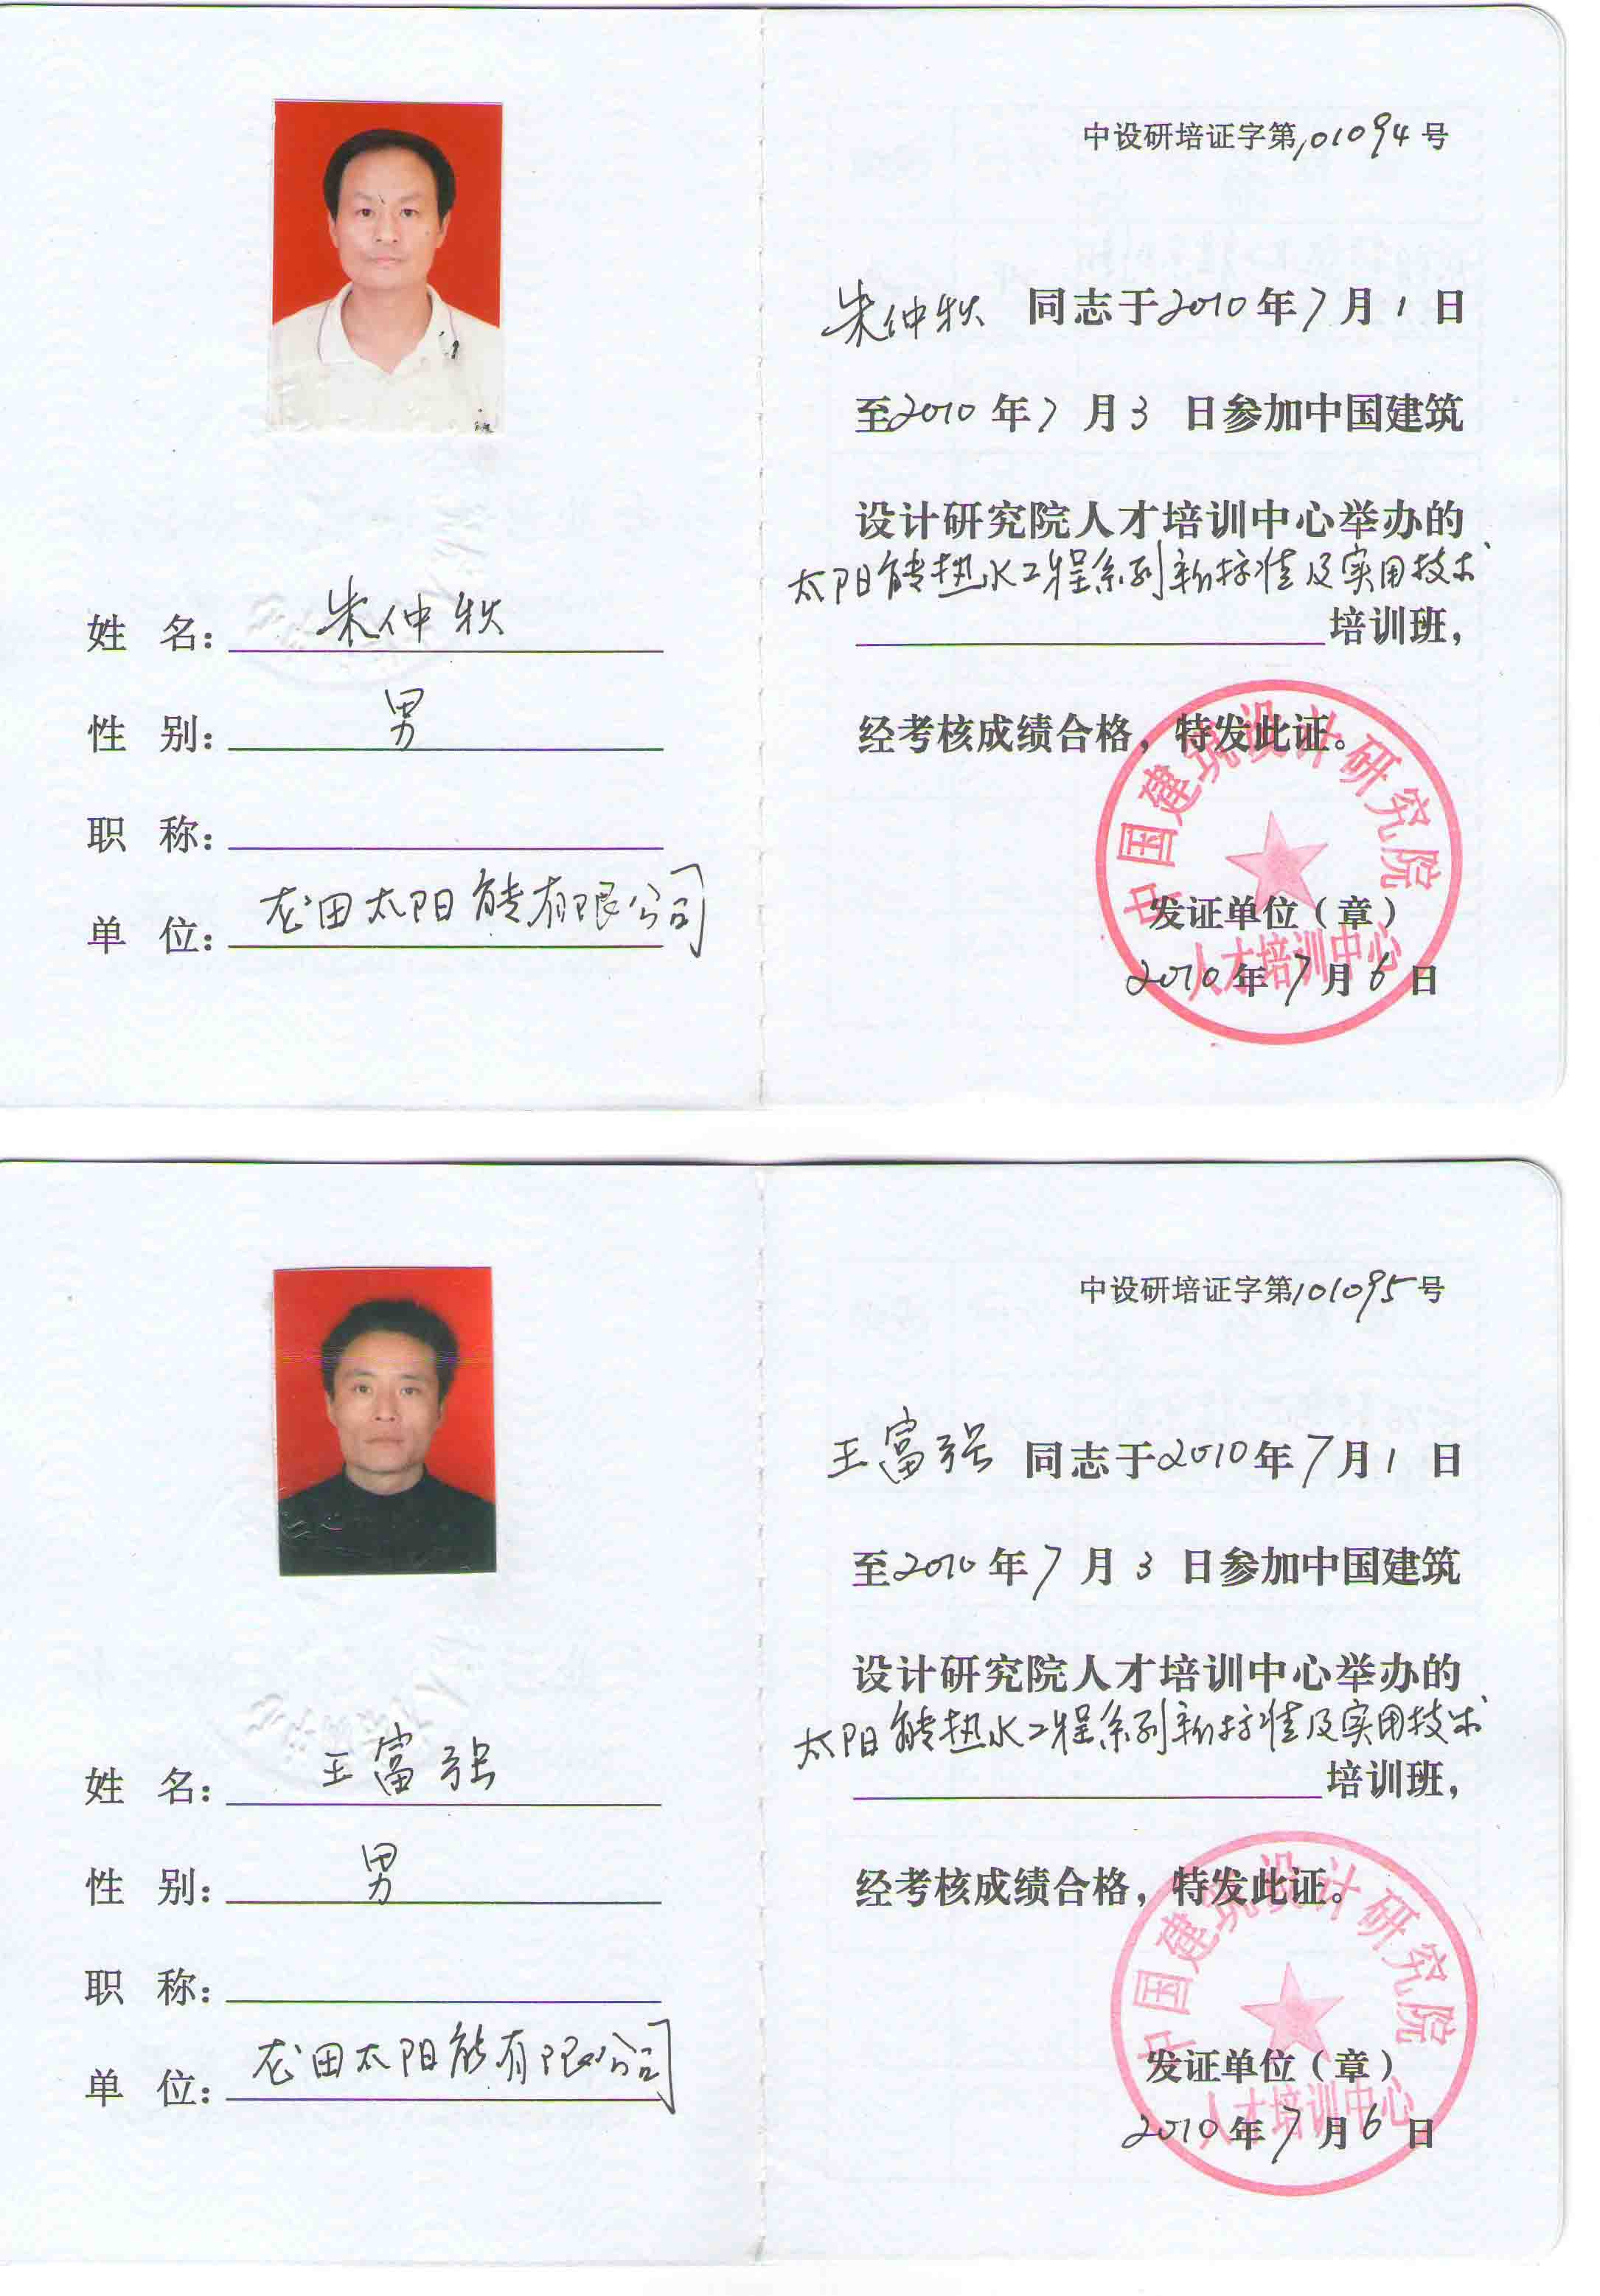 施工人员资格证书